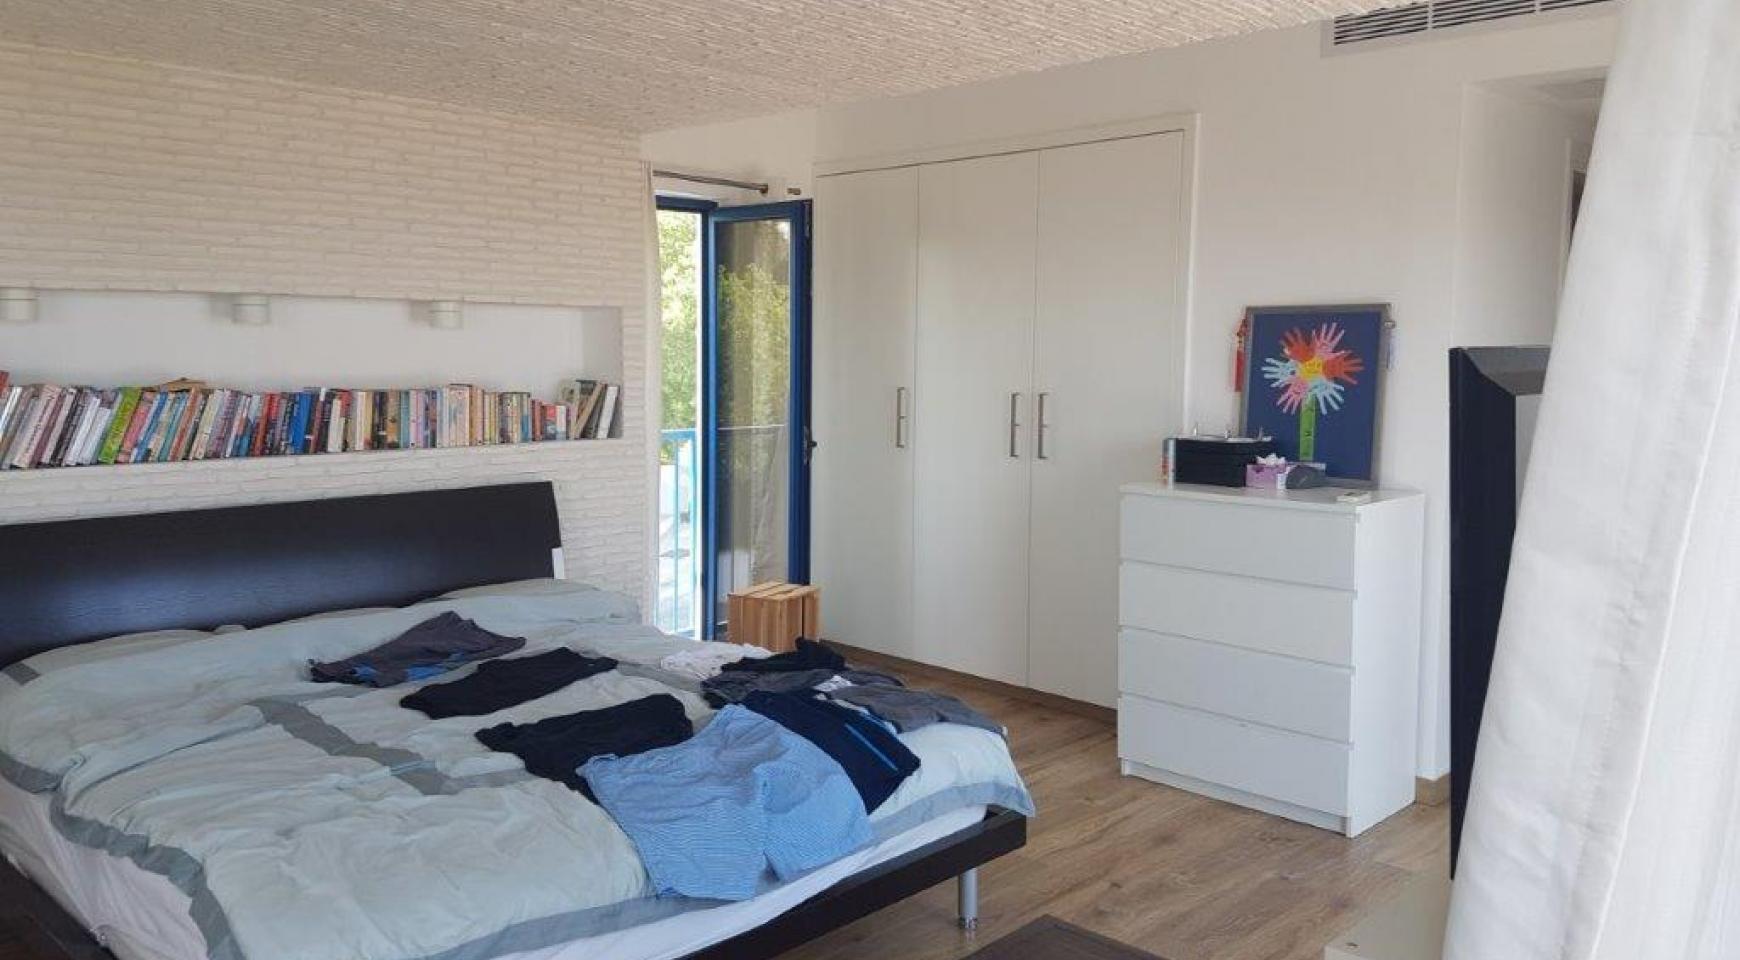 5 Bedroom Villa with Sea Views in Agios Tychonas Area - 19